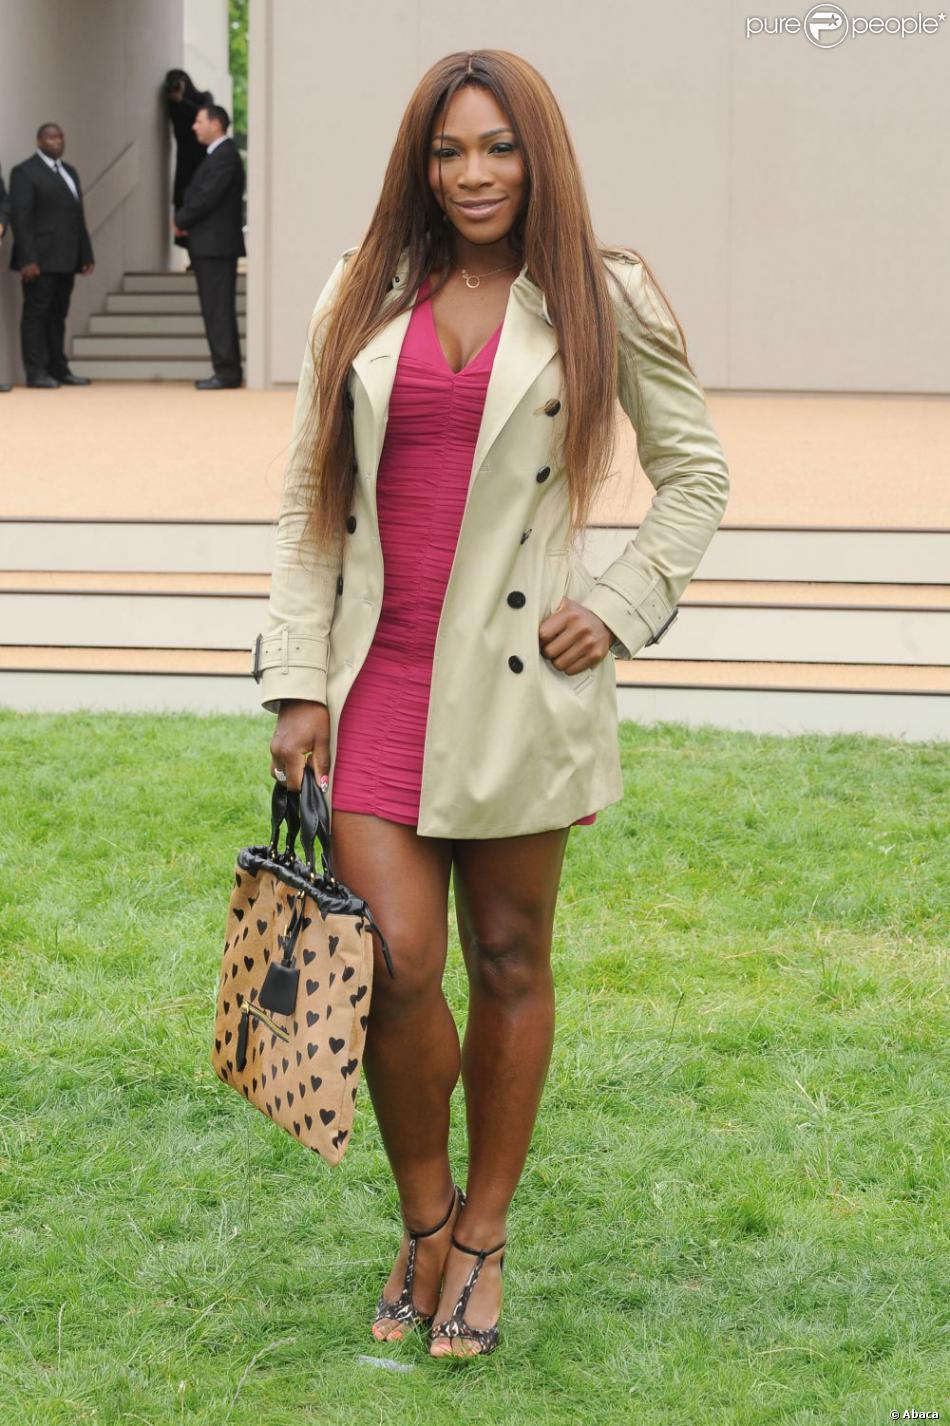 Serena Williams lors de la présentation de la collection printemps-été 2014 de Burberry Prorsum à Perks Field, dans les jardins de Kensington à Londres le 18 juin 2013